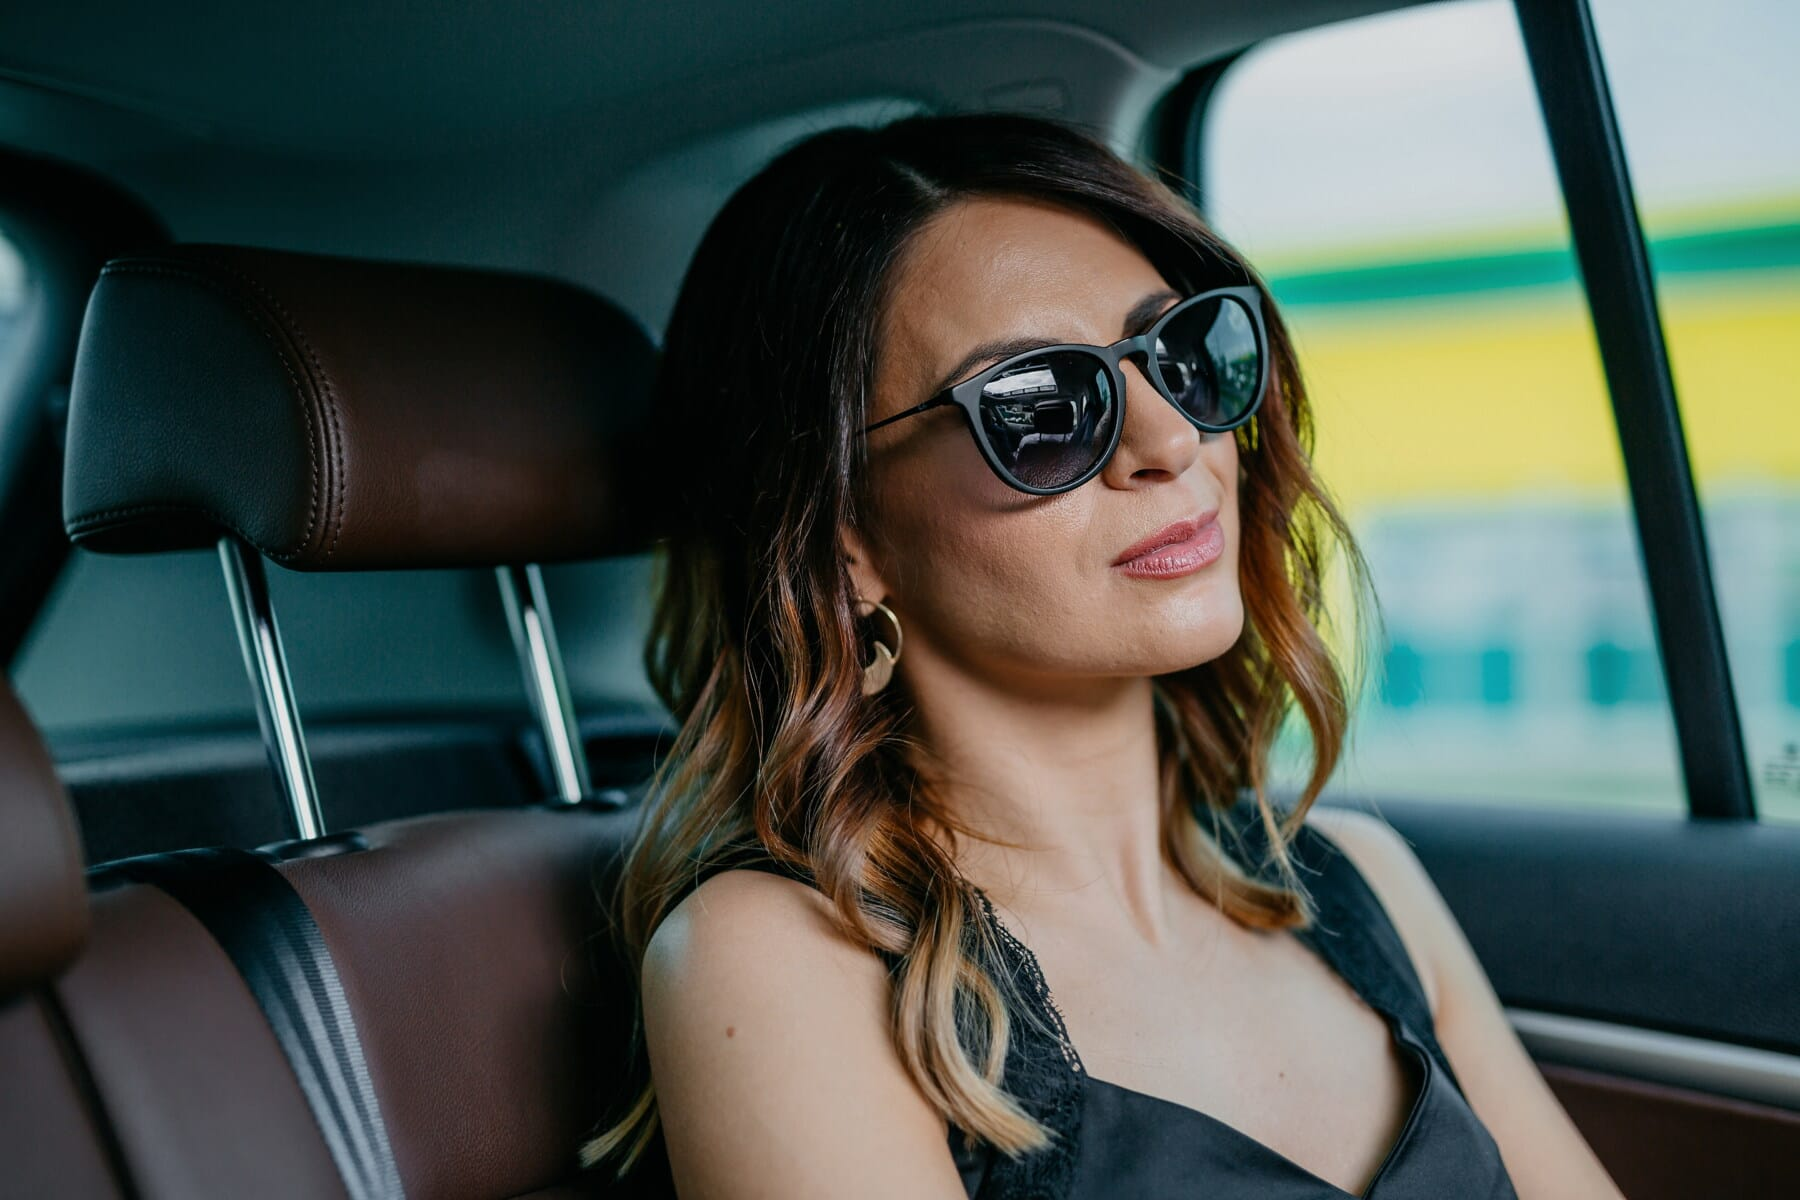 PKW, junge Frau, Reisen, Reisende, Auto-Kindersitz, Sicherheitsgurt, Mode, Sonnenbrille, Frau, Mädchen